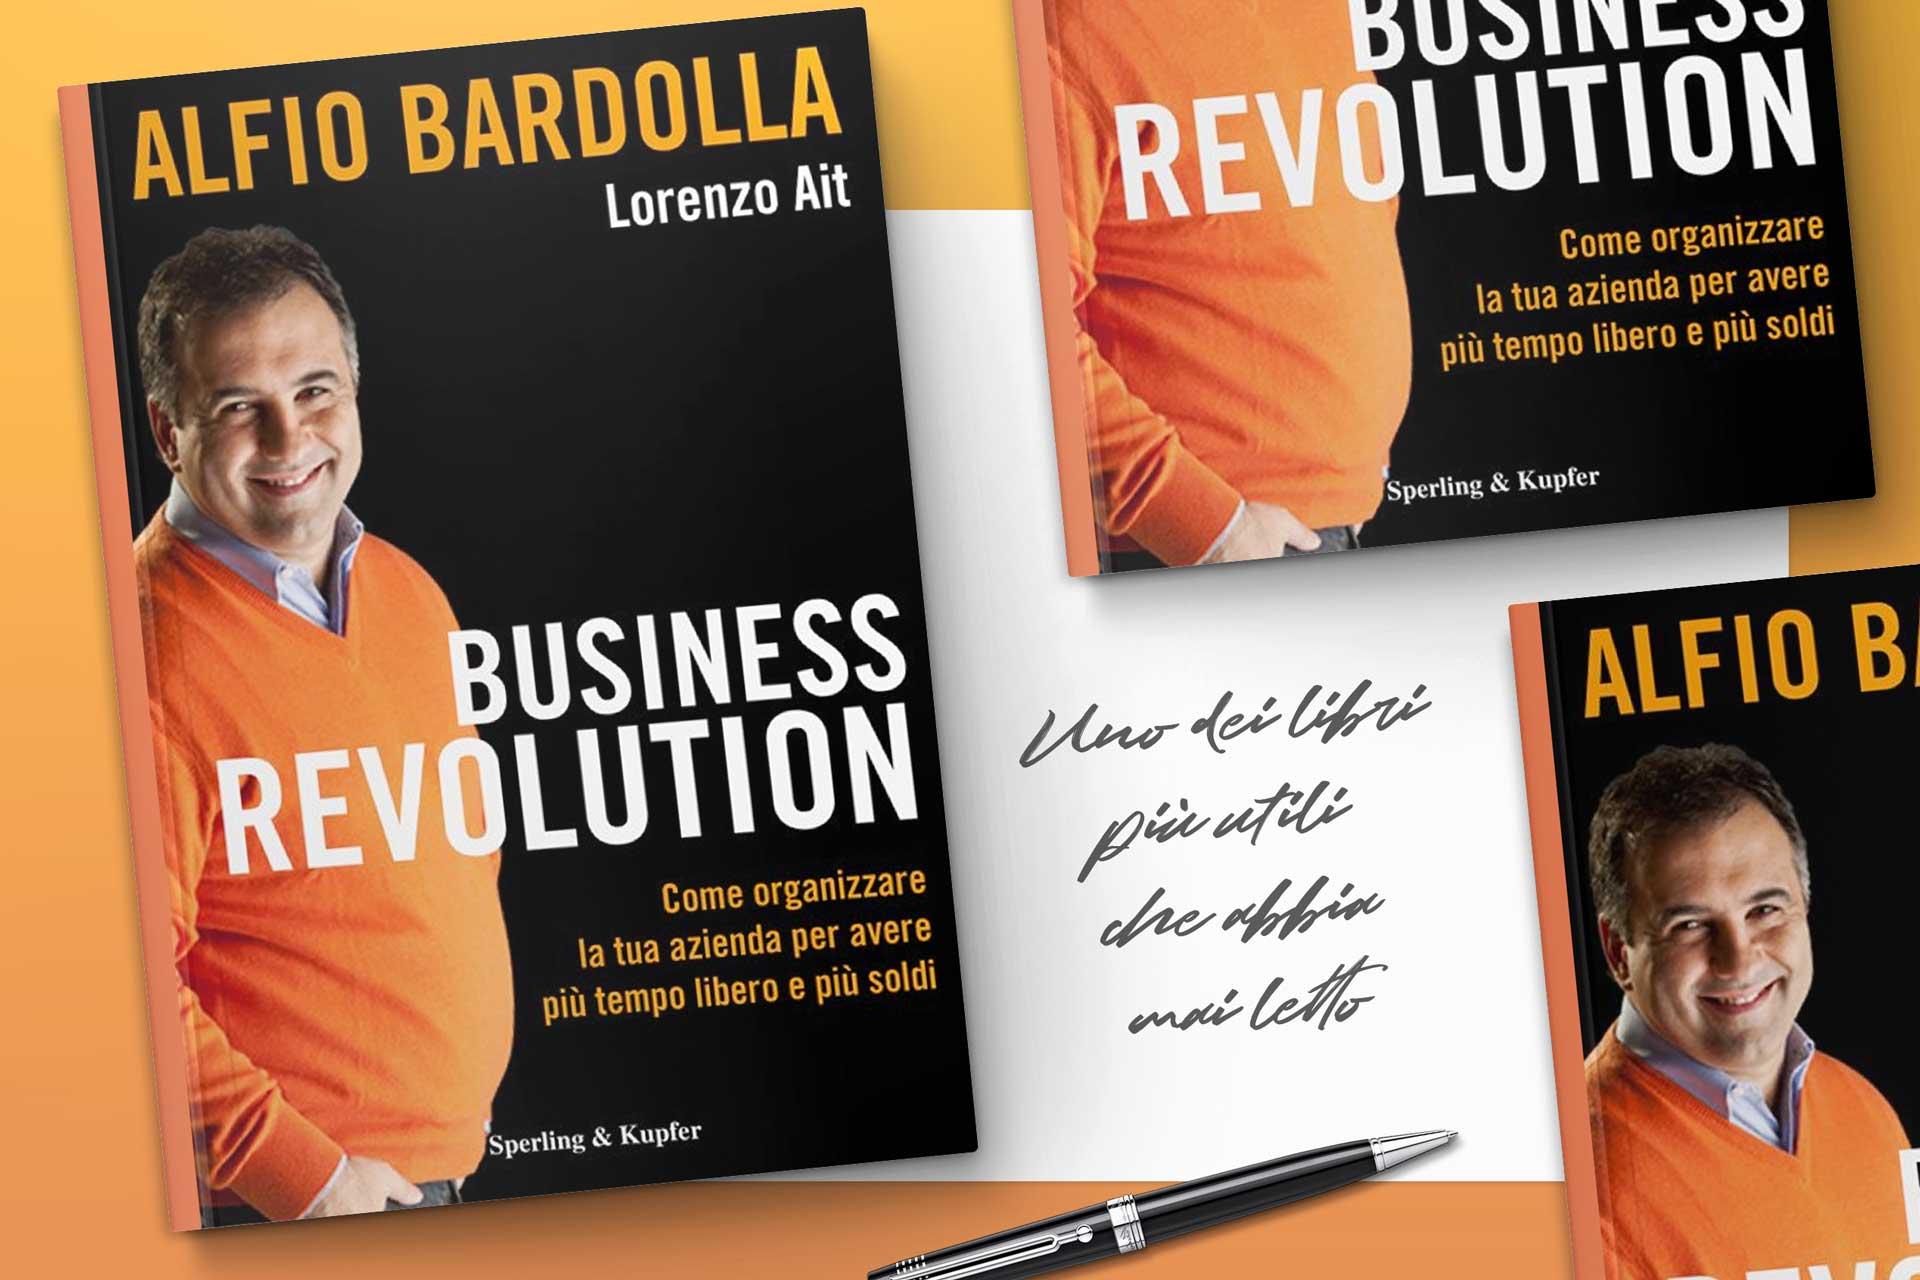 business-revolution-migliore-libro-alfio-bardolla